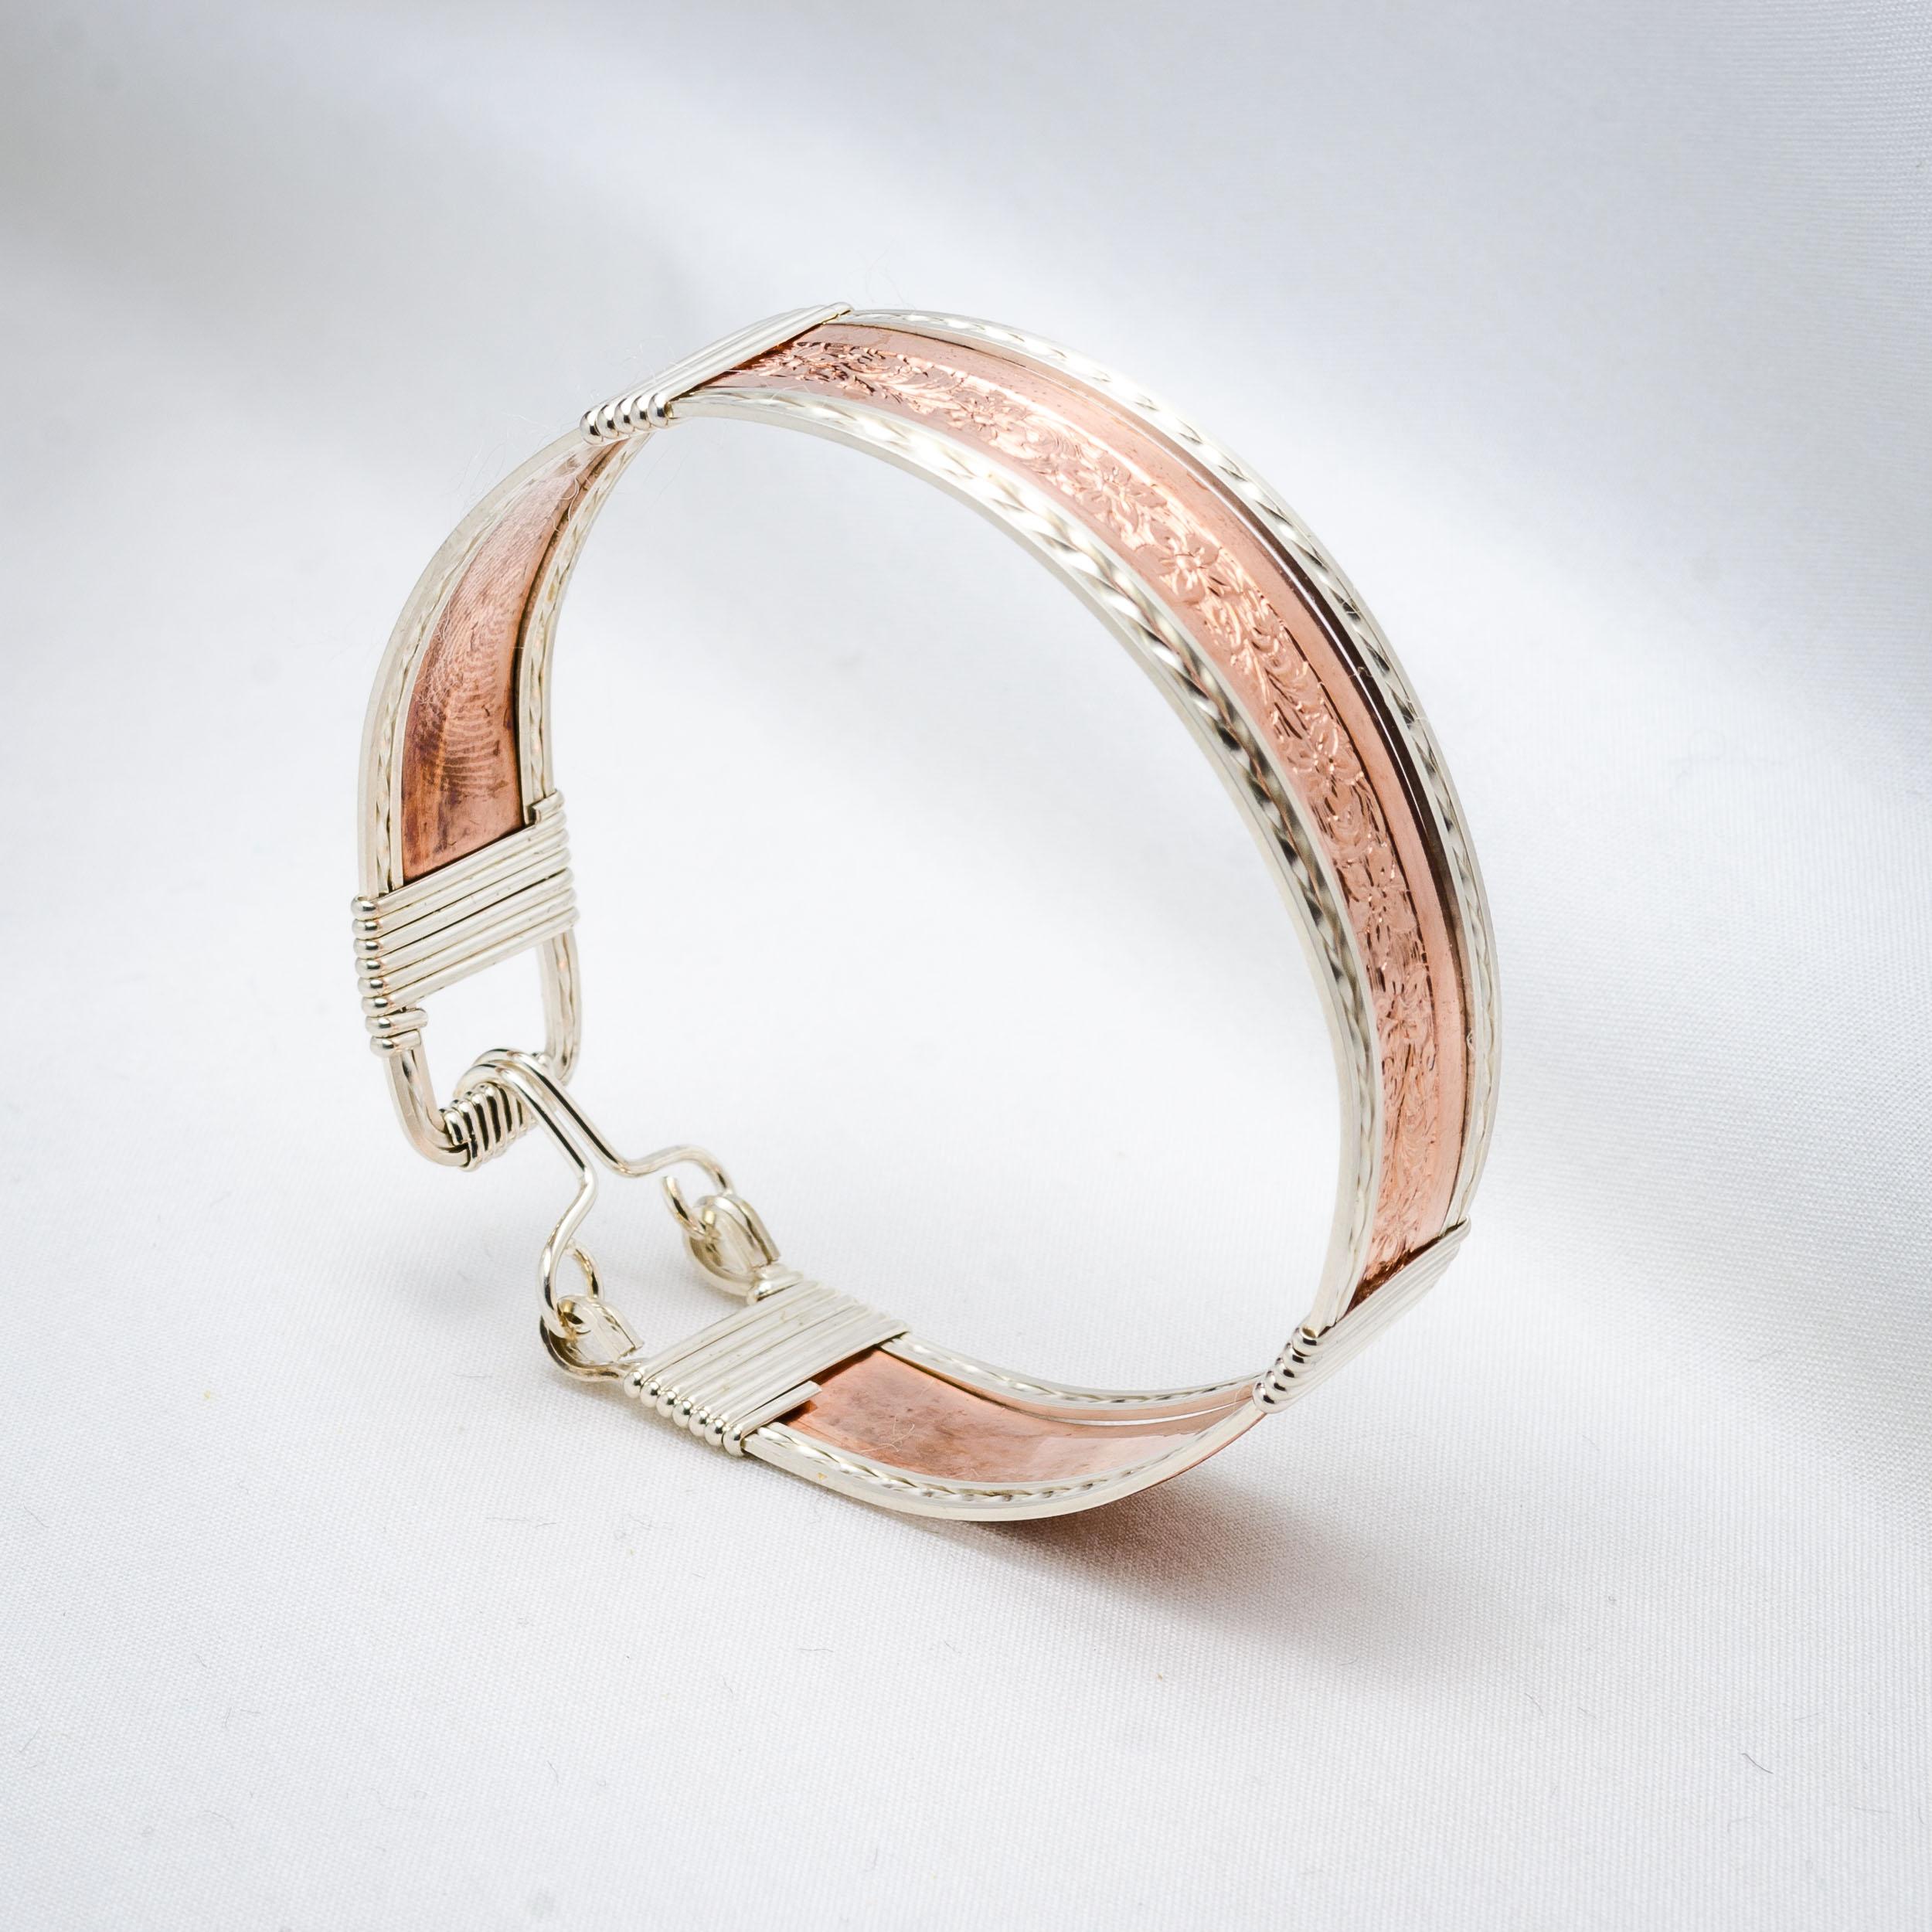 Bracelet_118.JPG